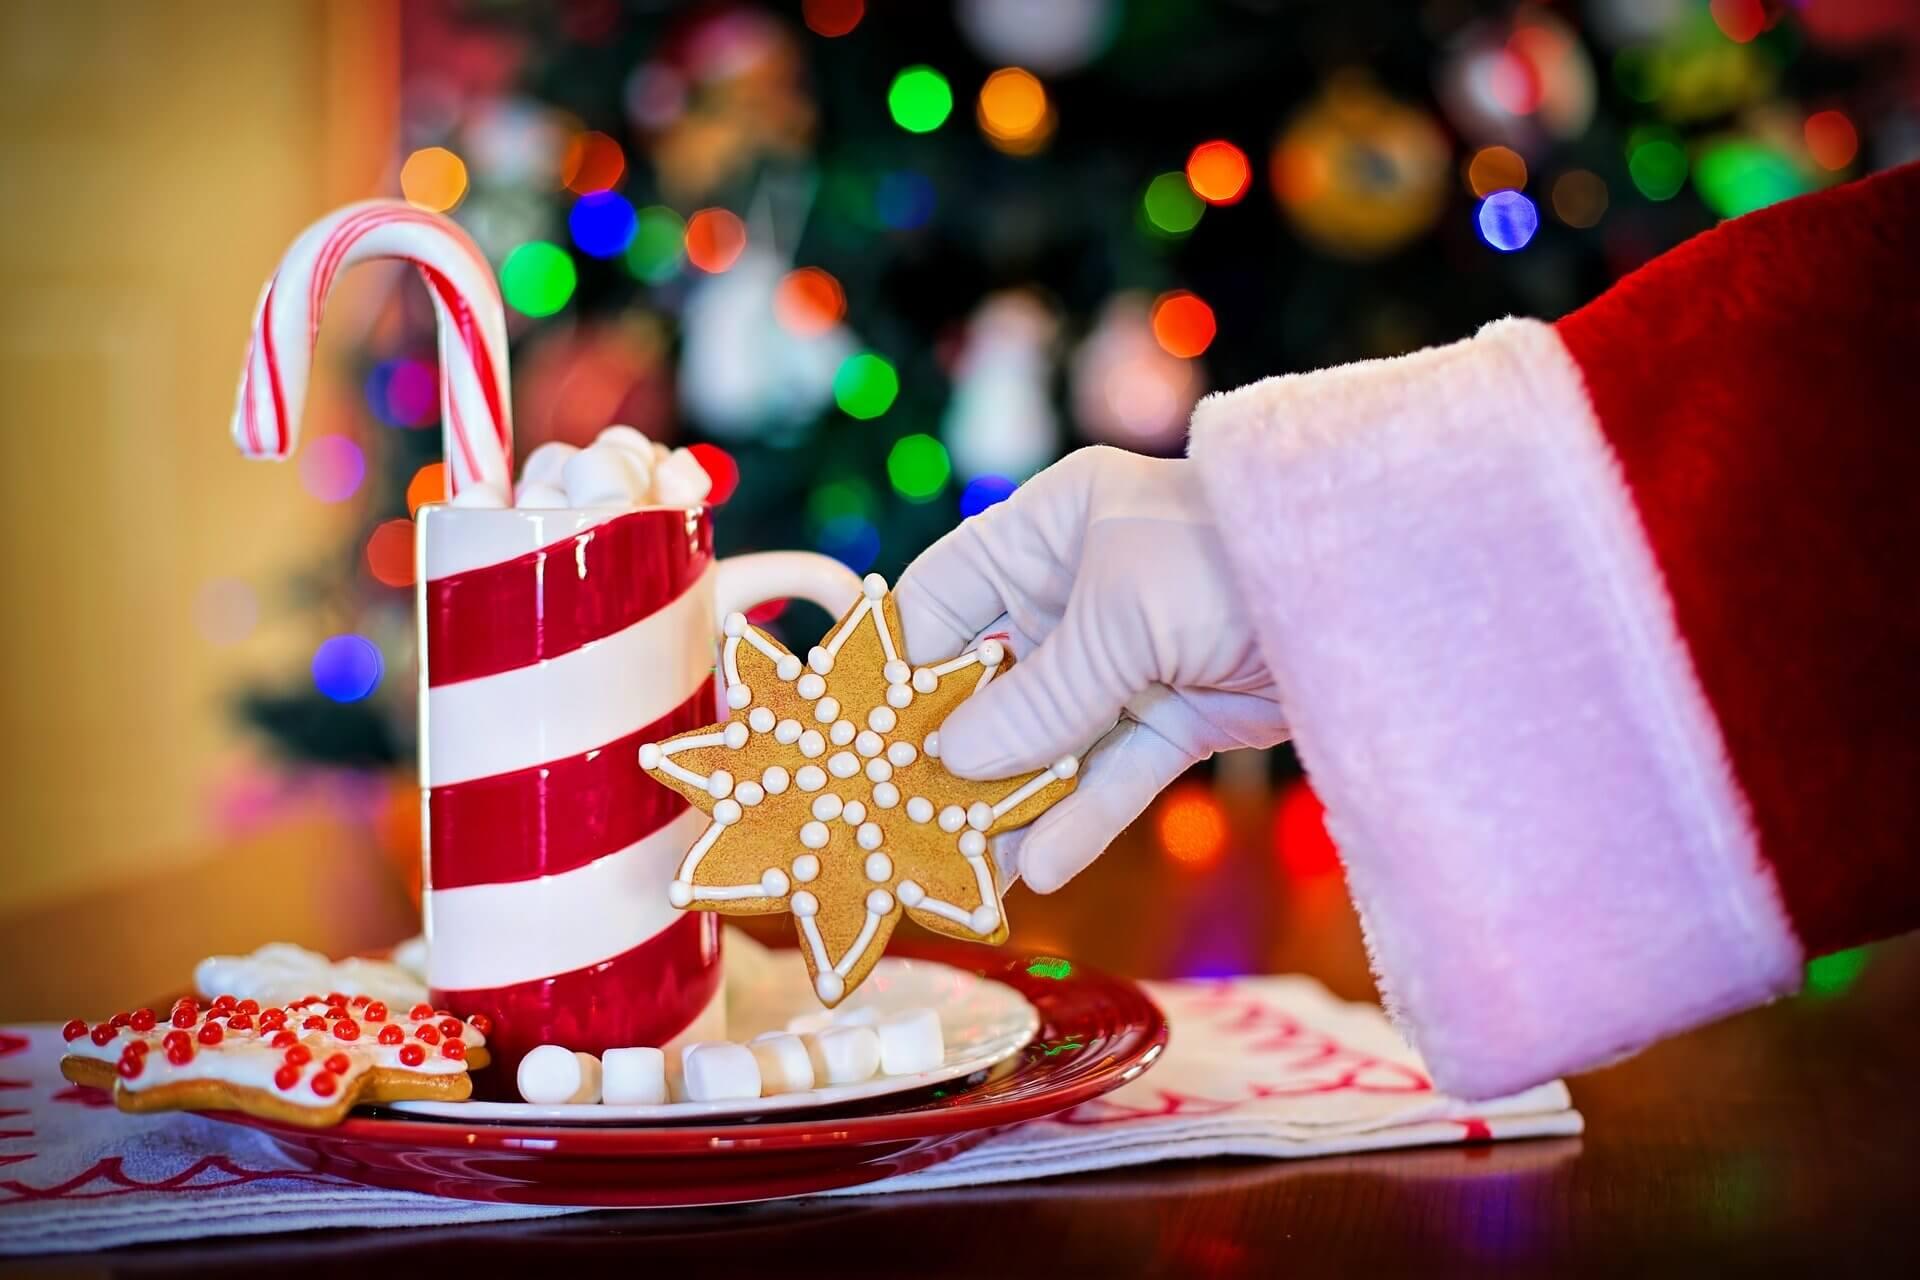 5 sposobów jak zwiększyć sprzedaż detaliczną w okresie świątecznym